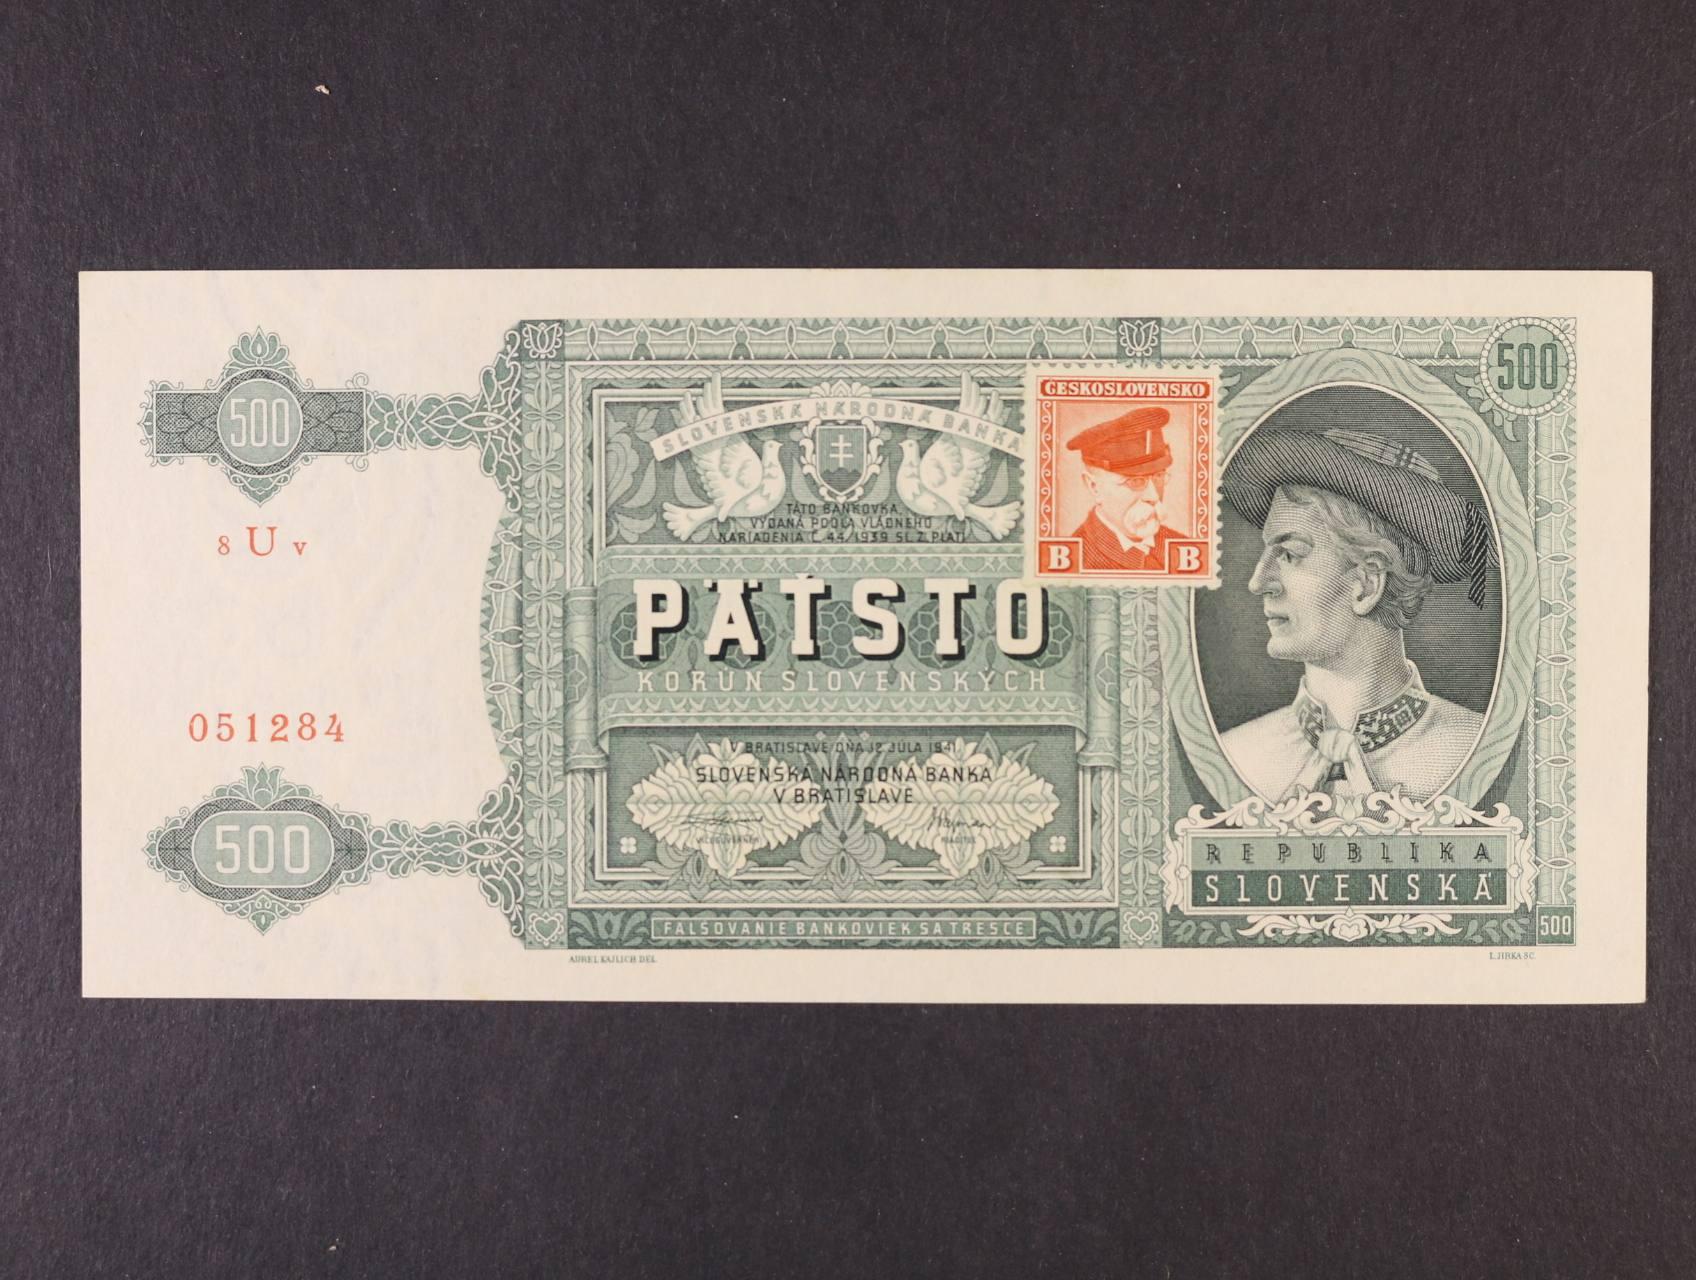 500 Ks 12.7.1941 kolkovaná série 8Uv, Ba. 64, Pi. 54a